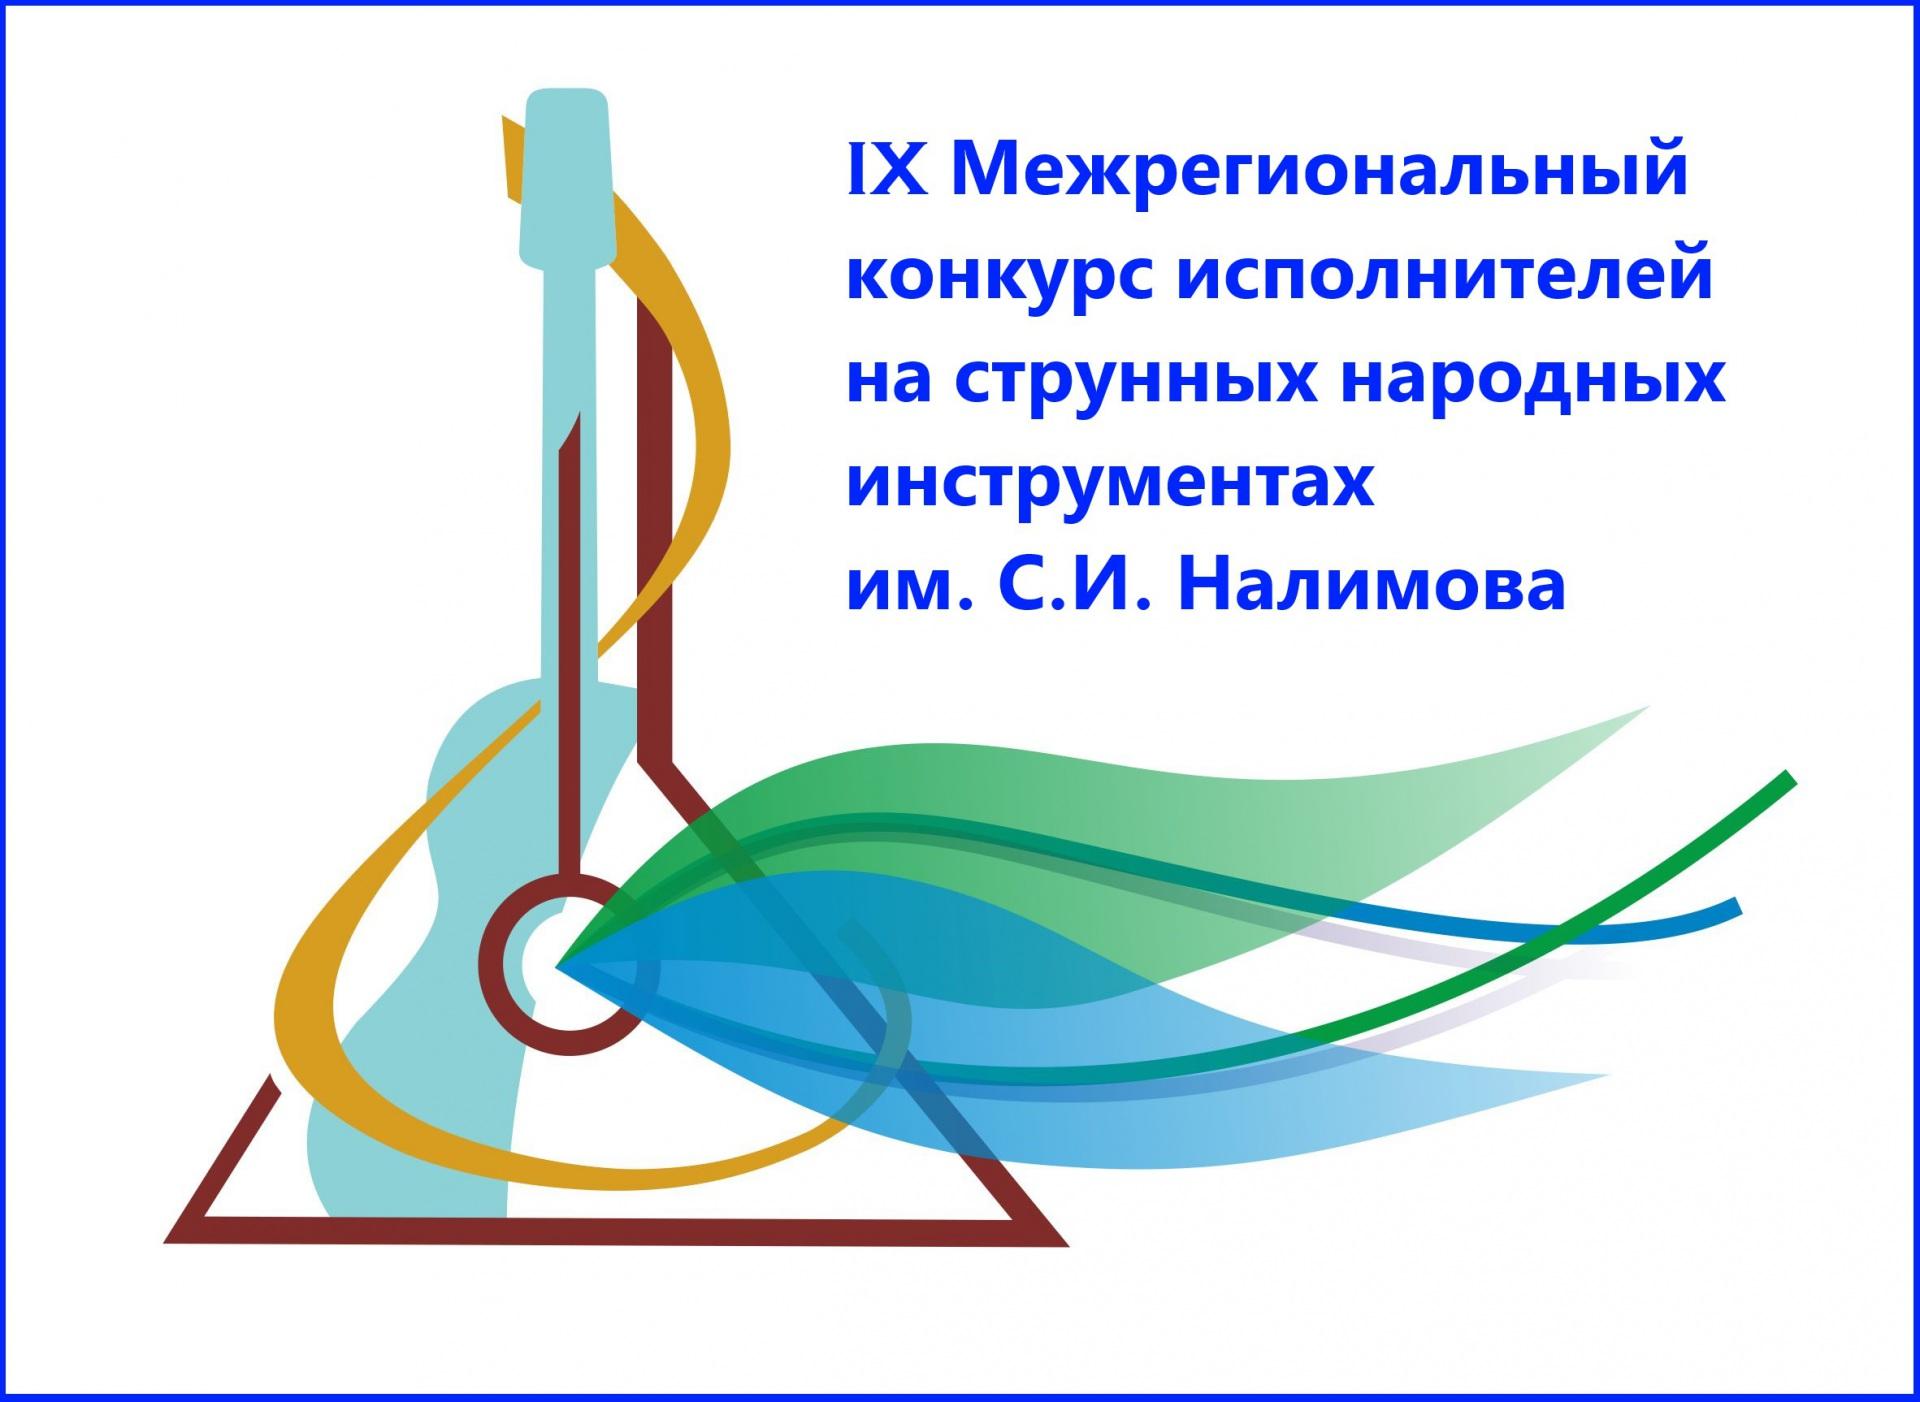 В Коми стартует Межрегиональный конкурс исполнителей им. С.И. Налимова